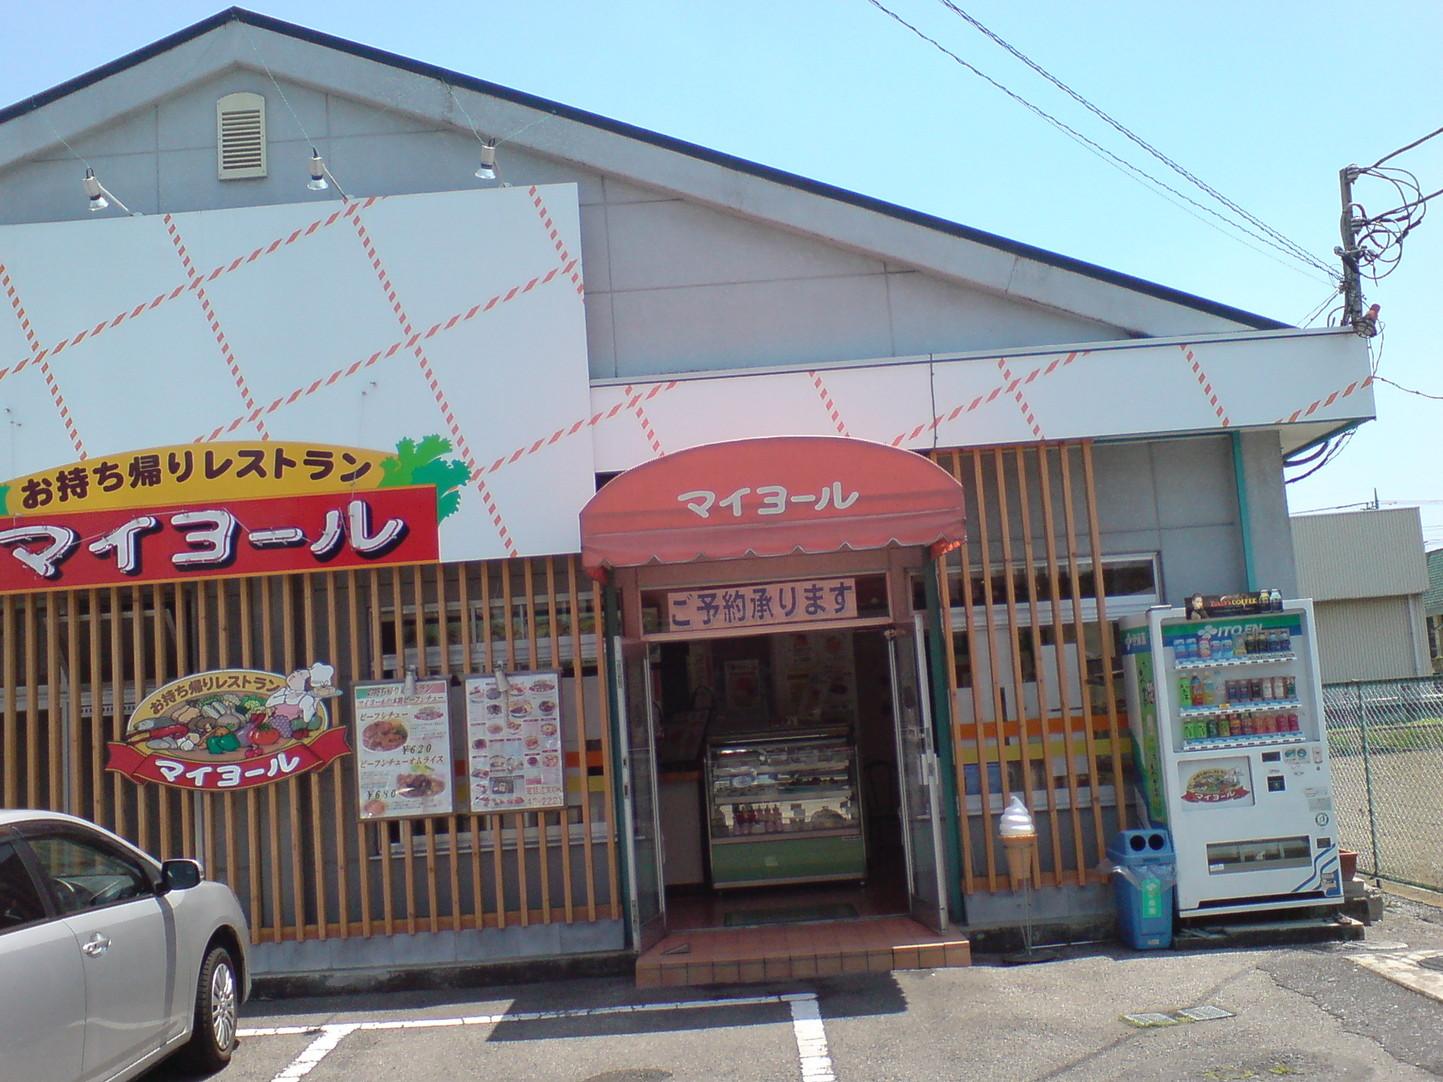 マイヨール 芳町店